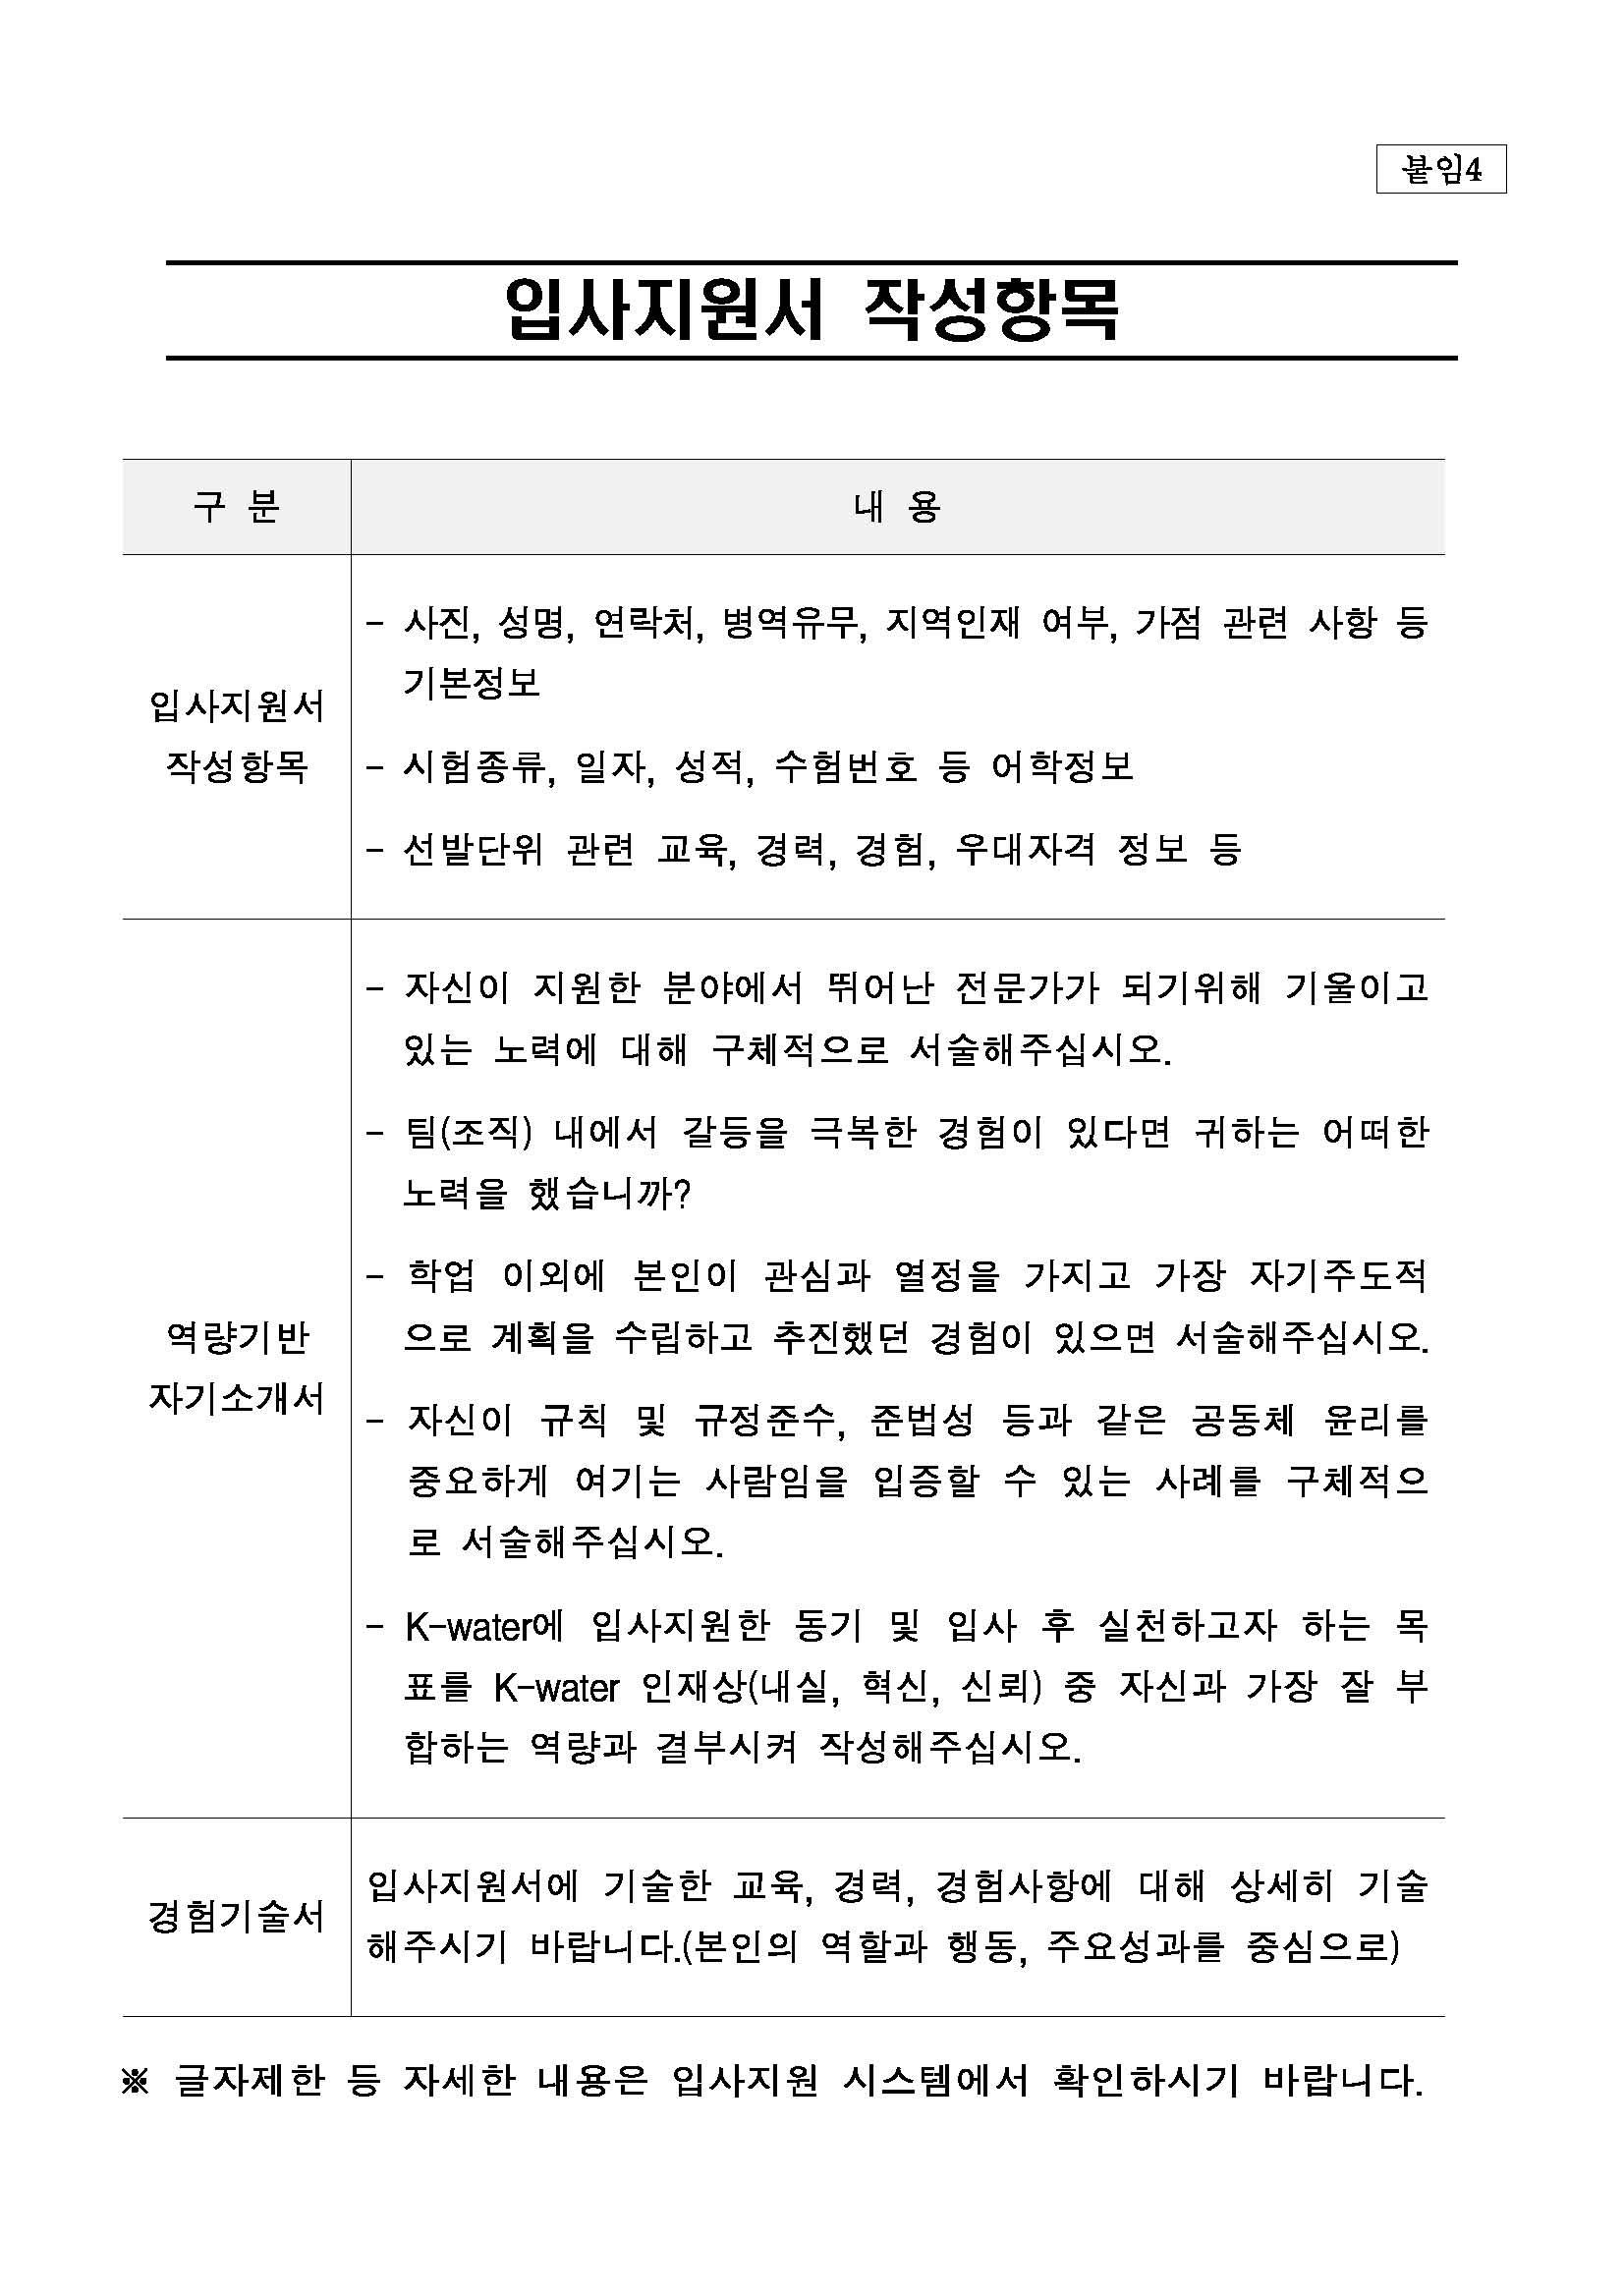 2017년 하반기 일반직 신입사원(채용형 인턴) 일반공채 공고문_페이지_15.jpg